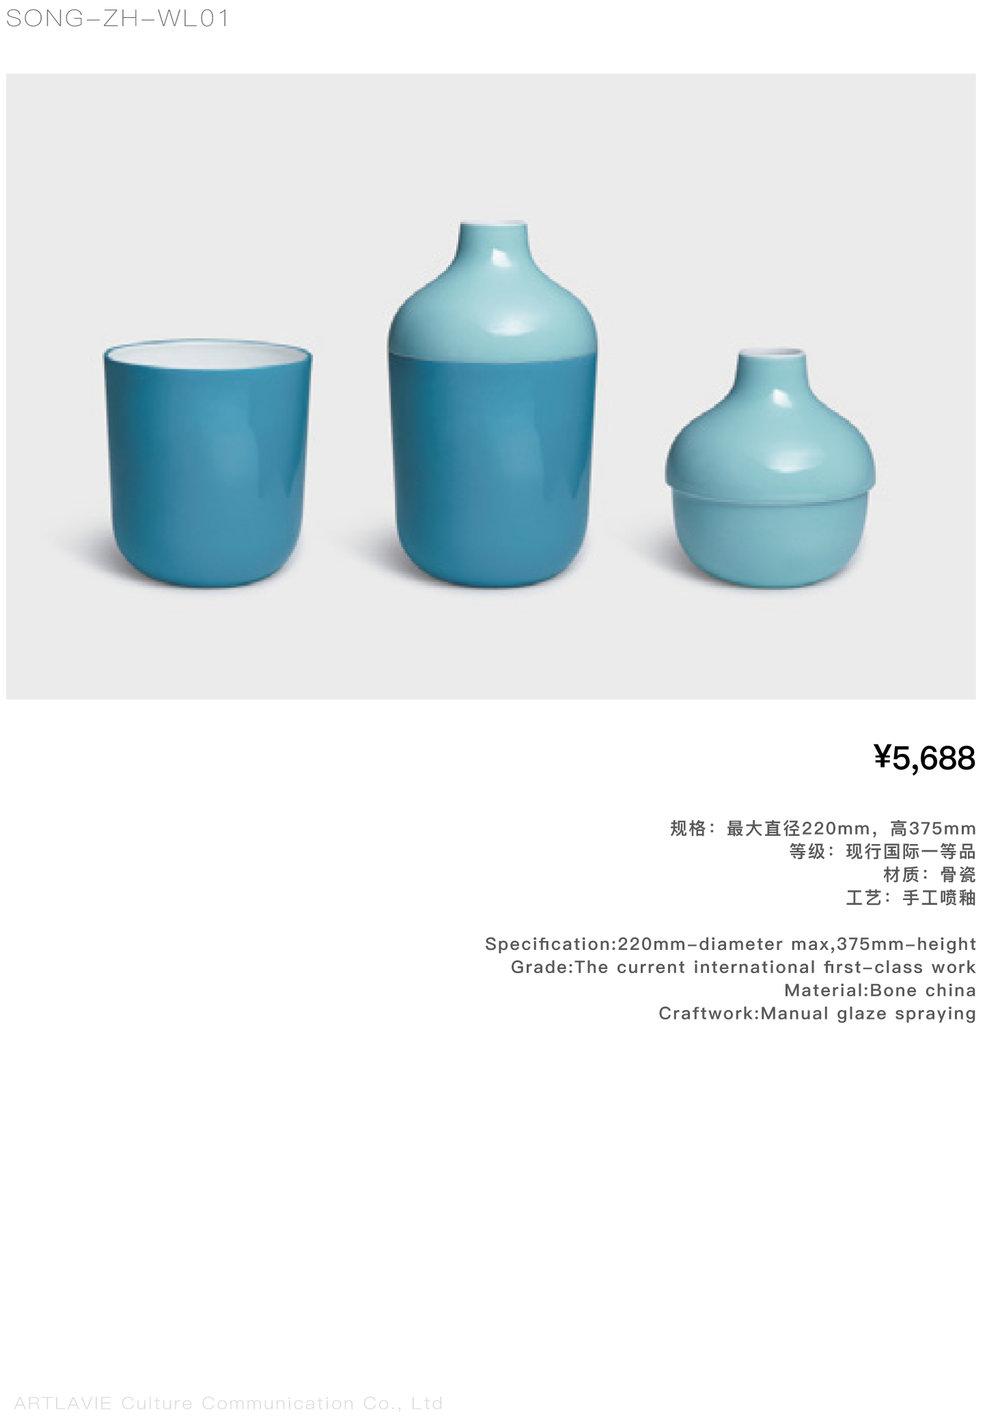 song系列花瓶目录-5.jpg